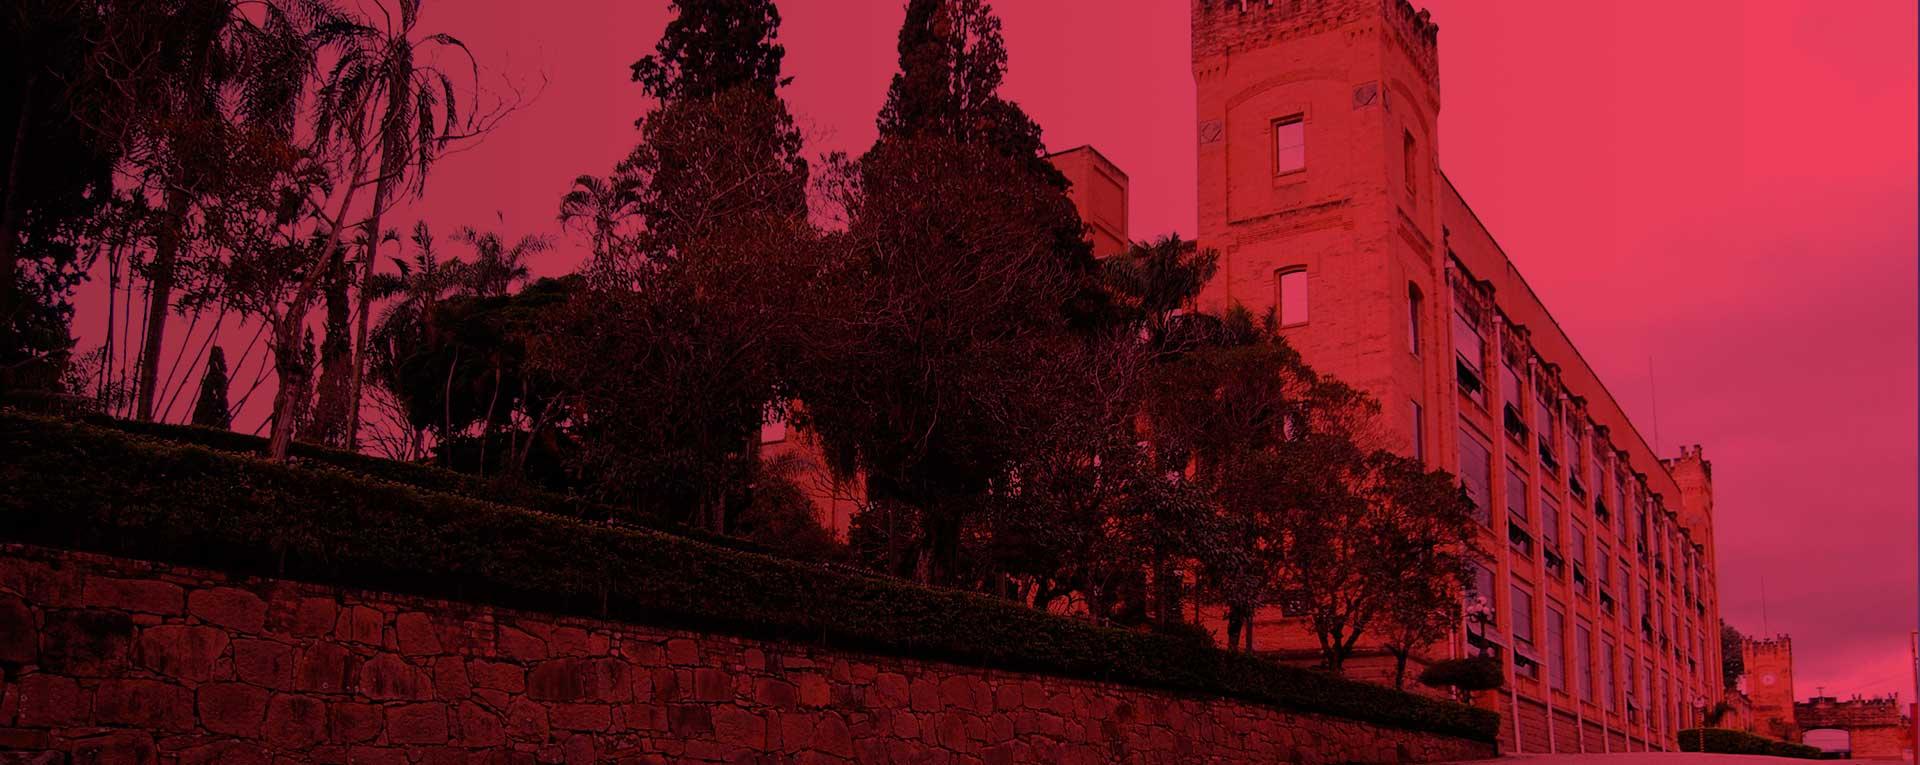 Banner fachada Ceunsp